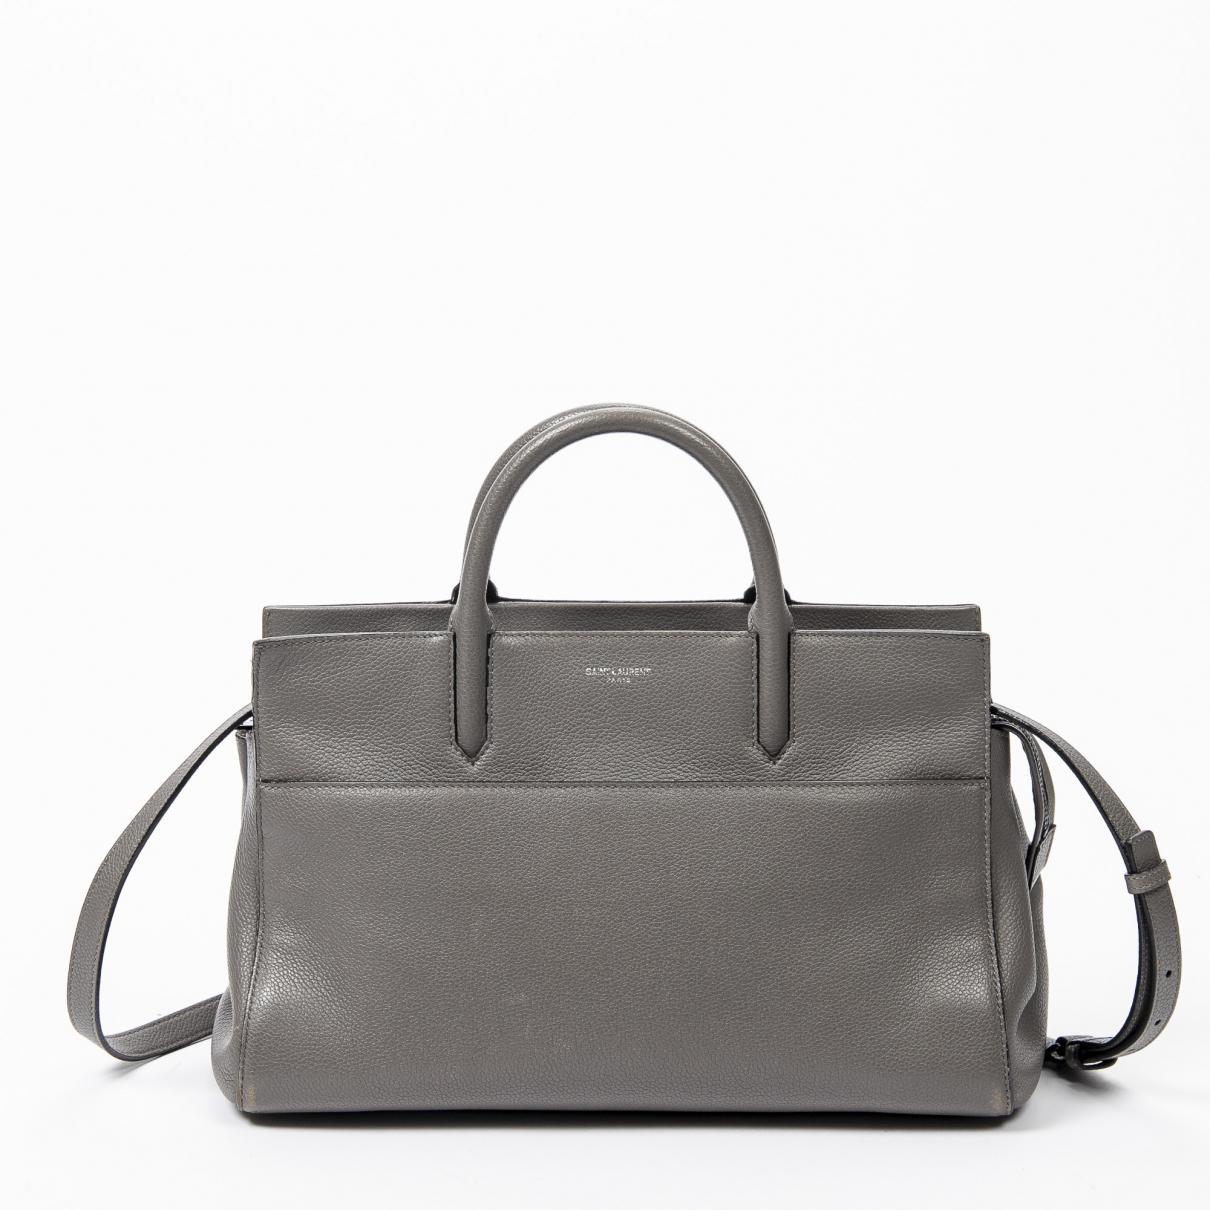 Yves Saint Laurent - Sac a main   pour femme en cuir - gris